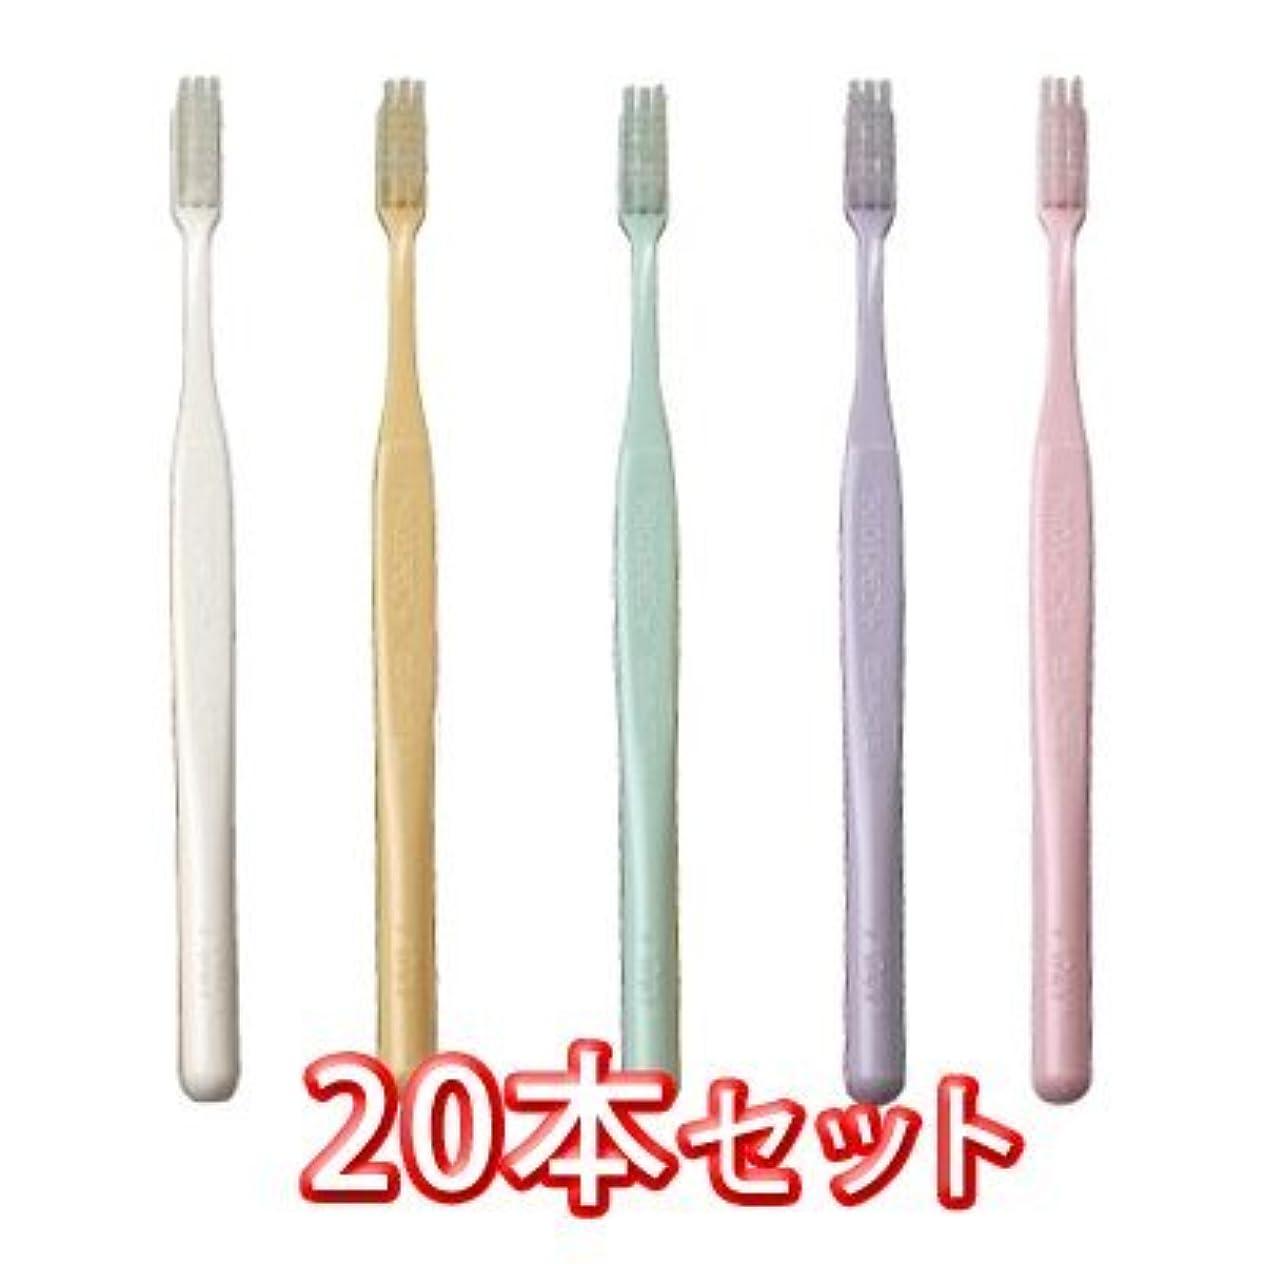 姿勢私たちのものピーブプロスペック 歯ブラシ プラス コンパクトスリム 20本入 ふつう色 M ふつう